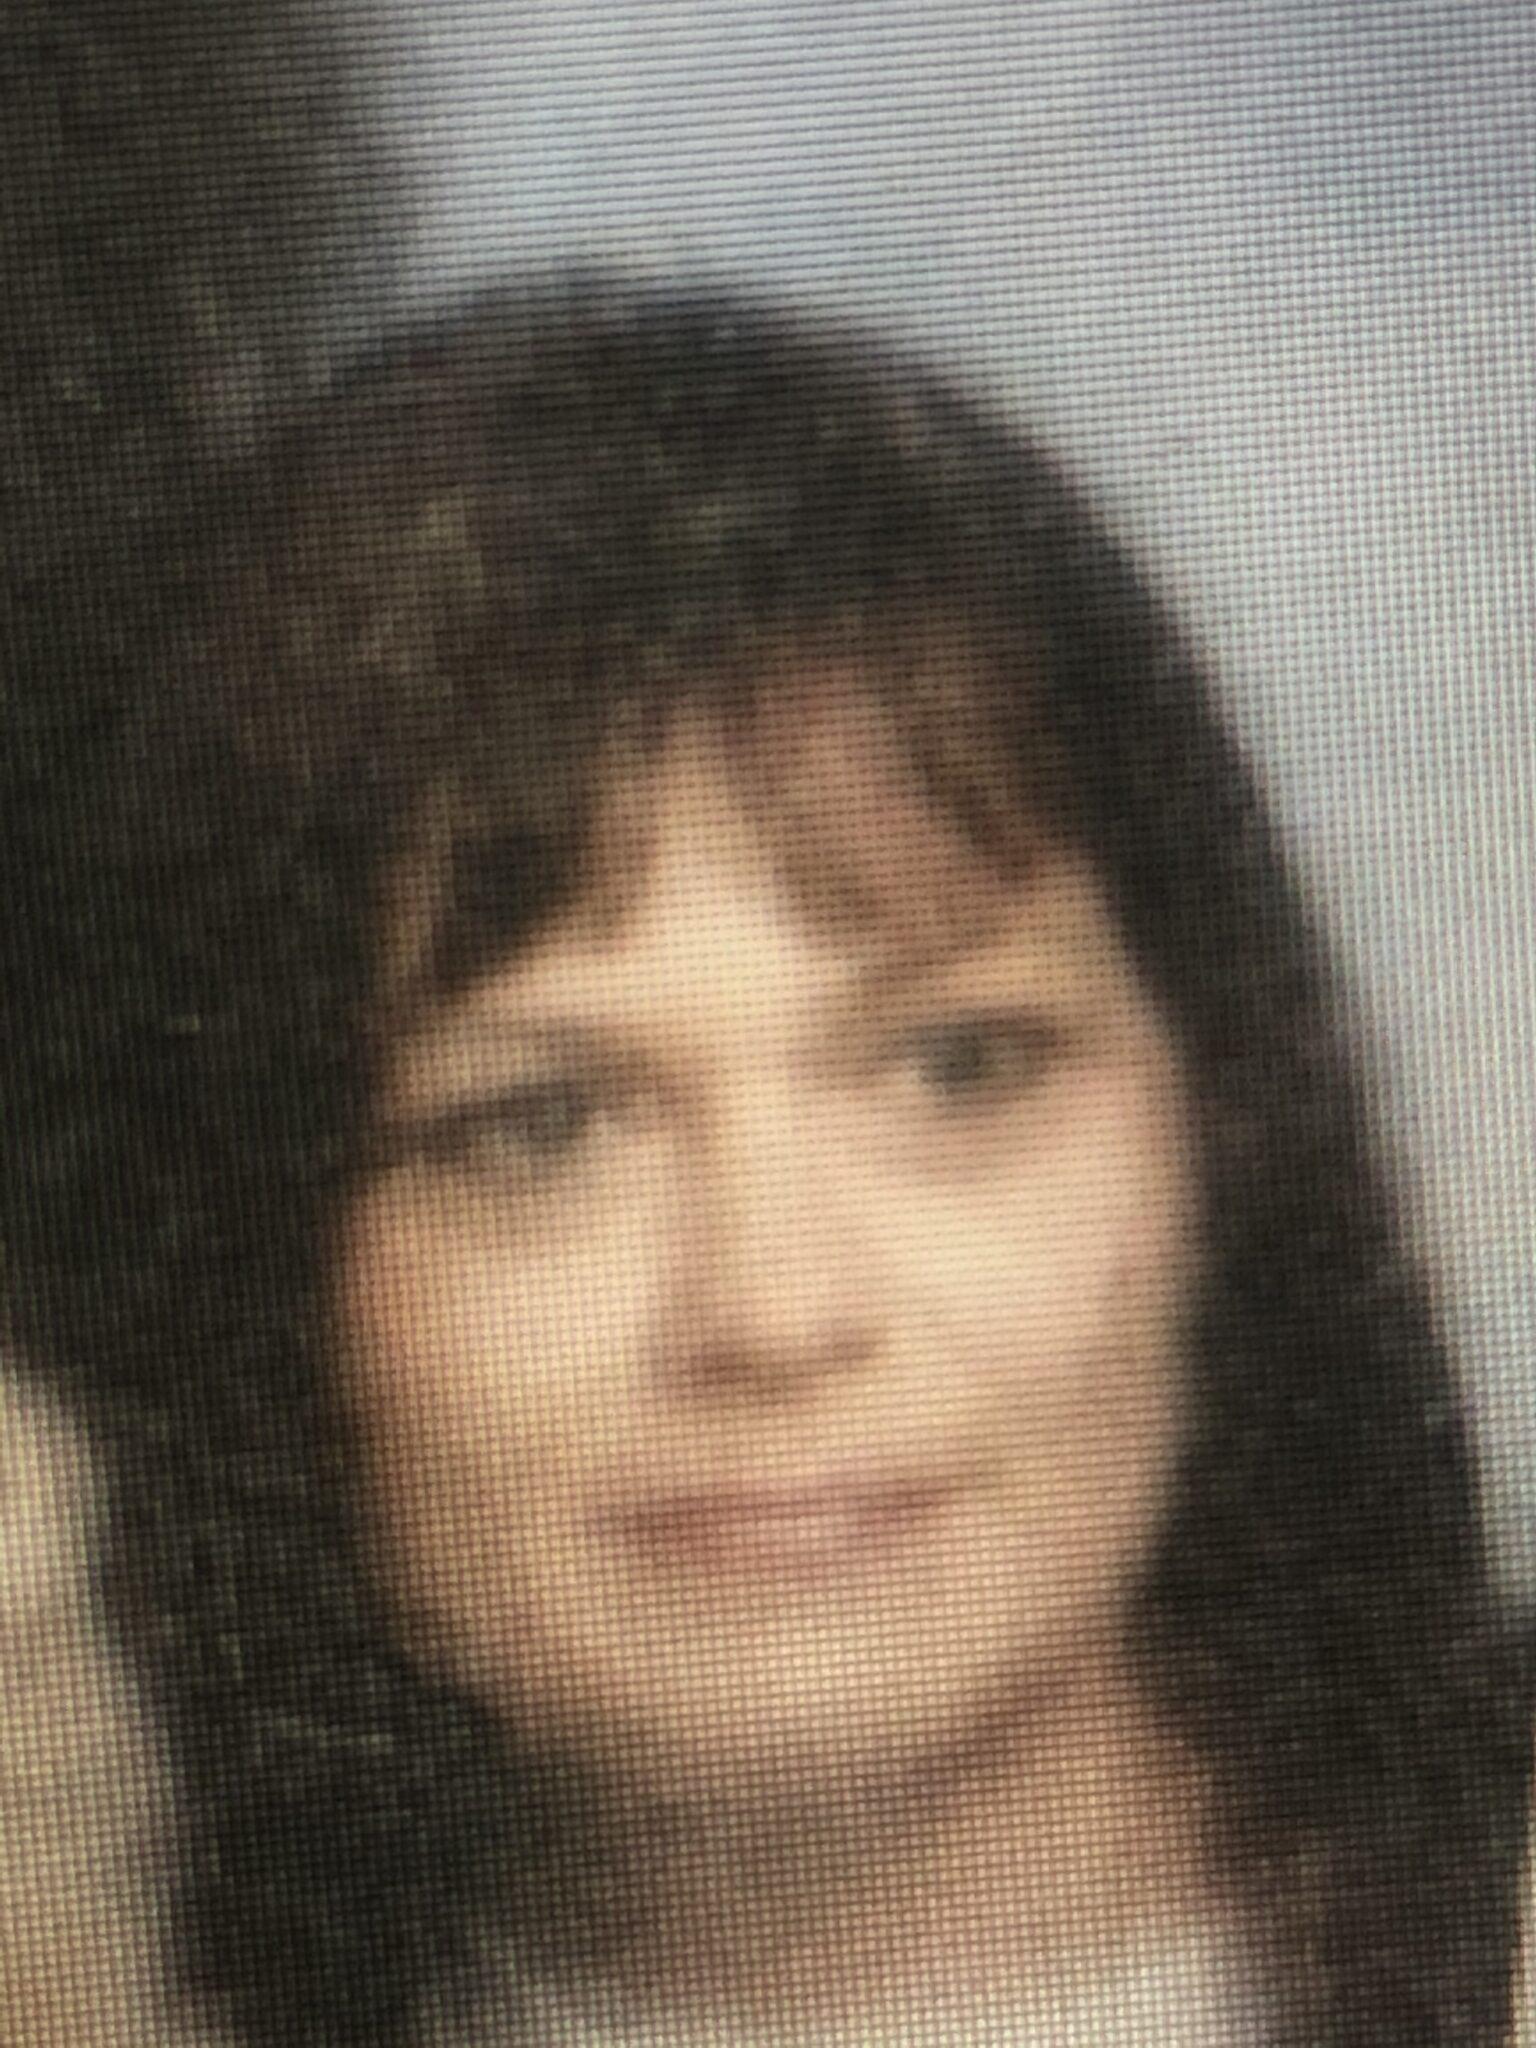 IMG 1088 scaled - Carolyn Denton